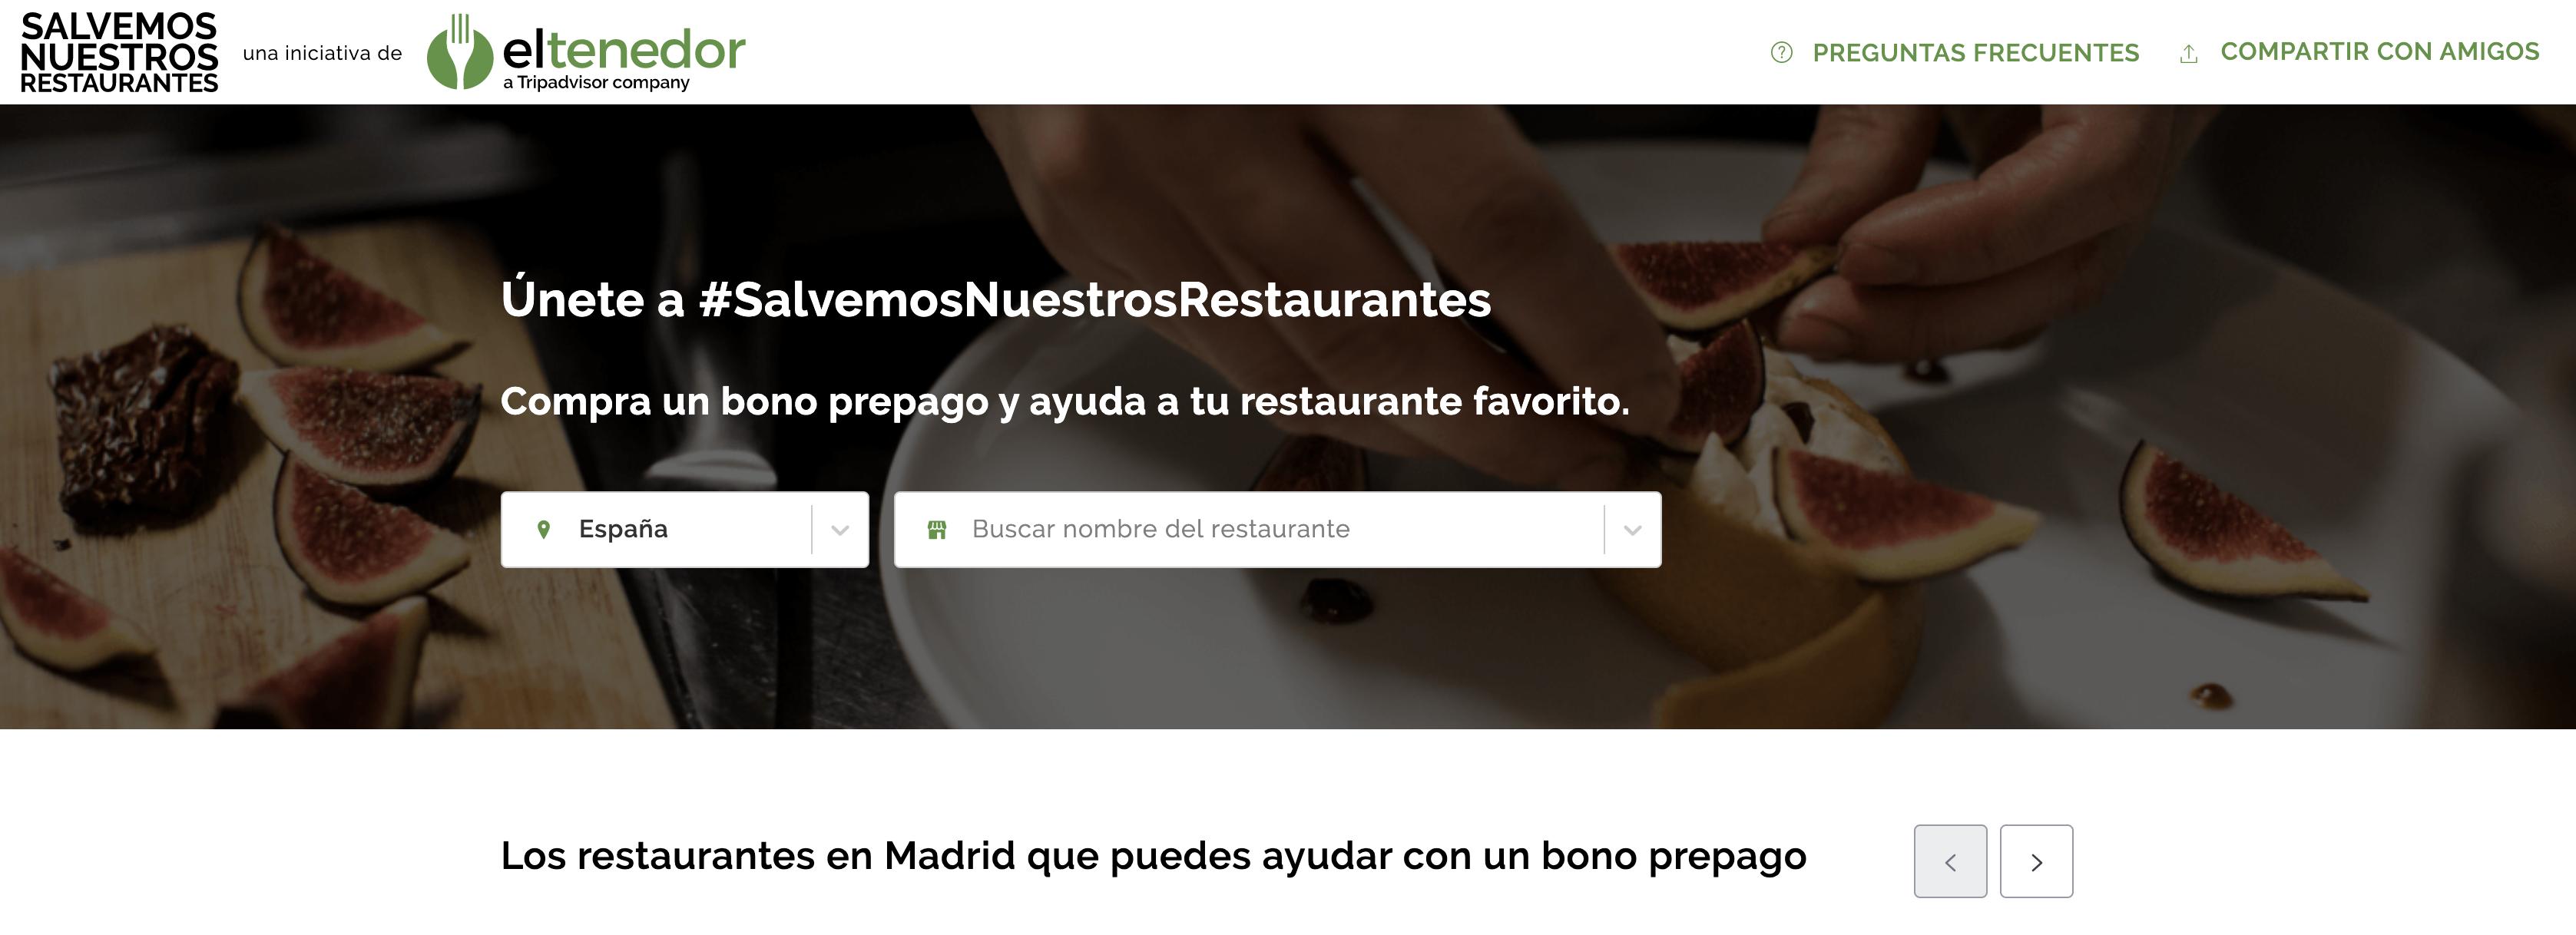 Salvemos nuestros restaurantes